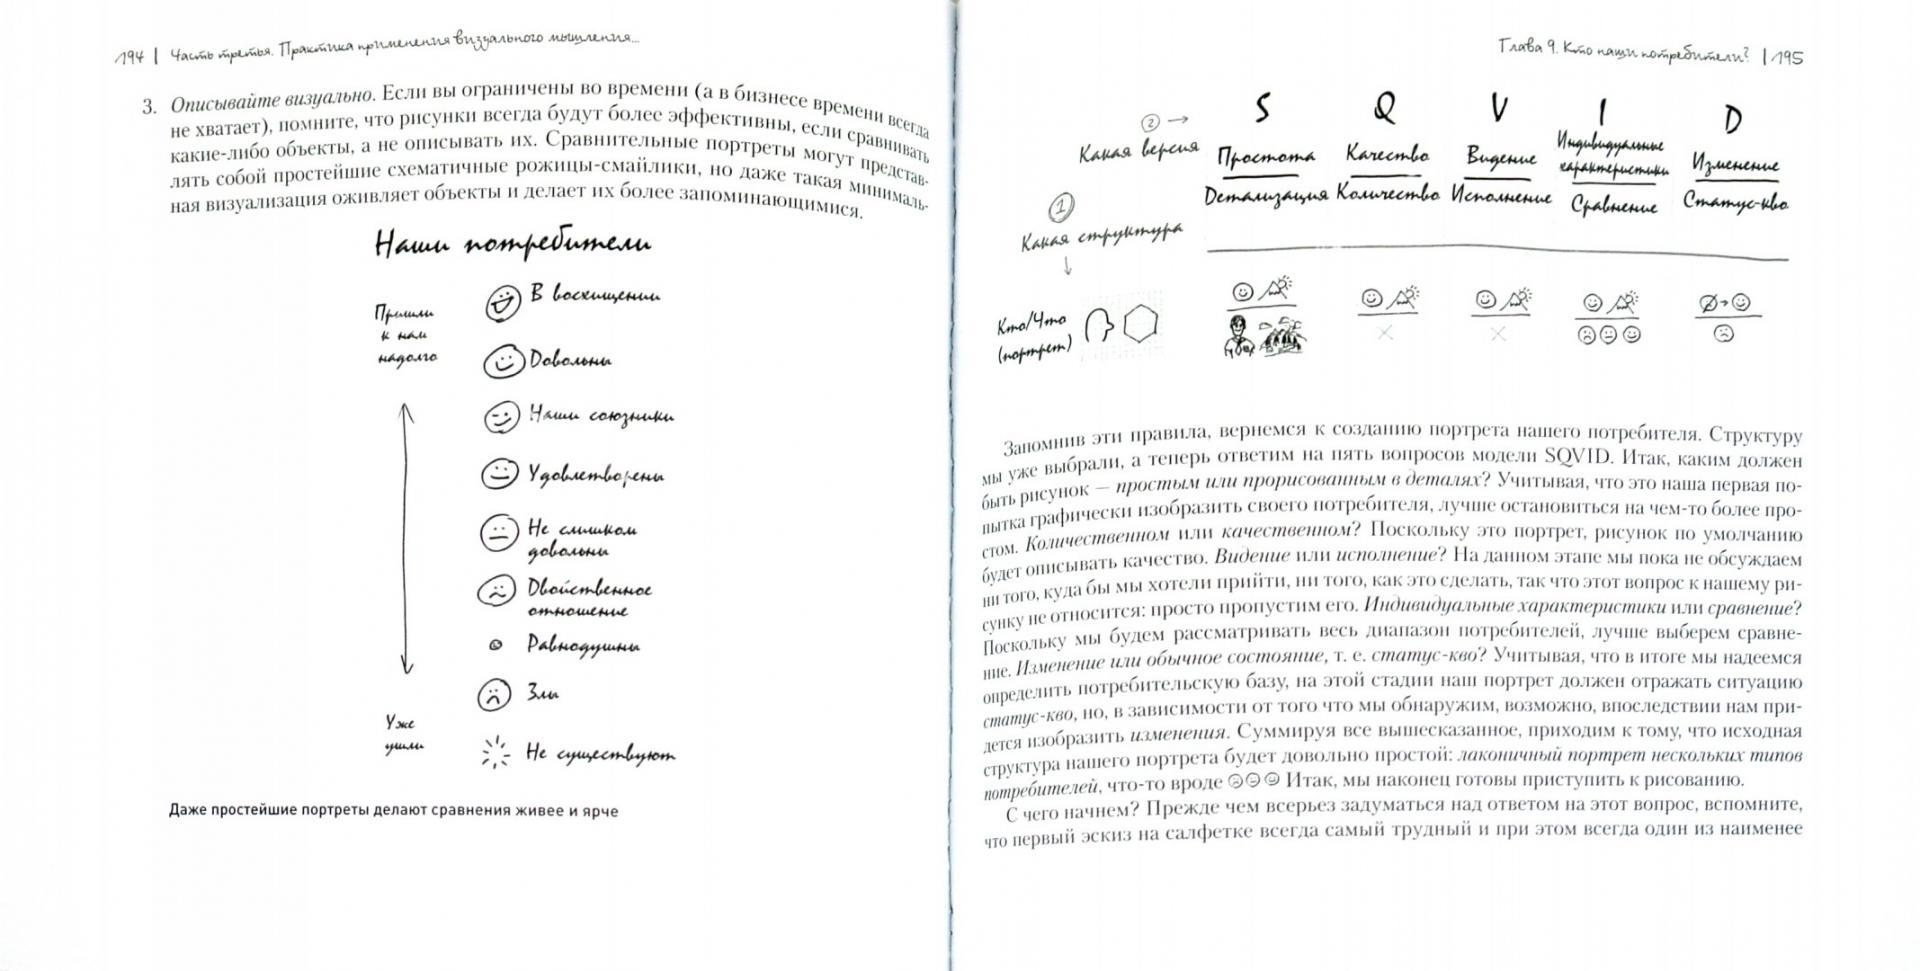 """Иллюстрация 1 из 6 для Визуальное мышление. Как """"продавать"""" свои идеи при помощи визуальных образов - Дэн Роэм   Лабиринт - книги. Источник: Лабиринт"""